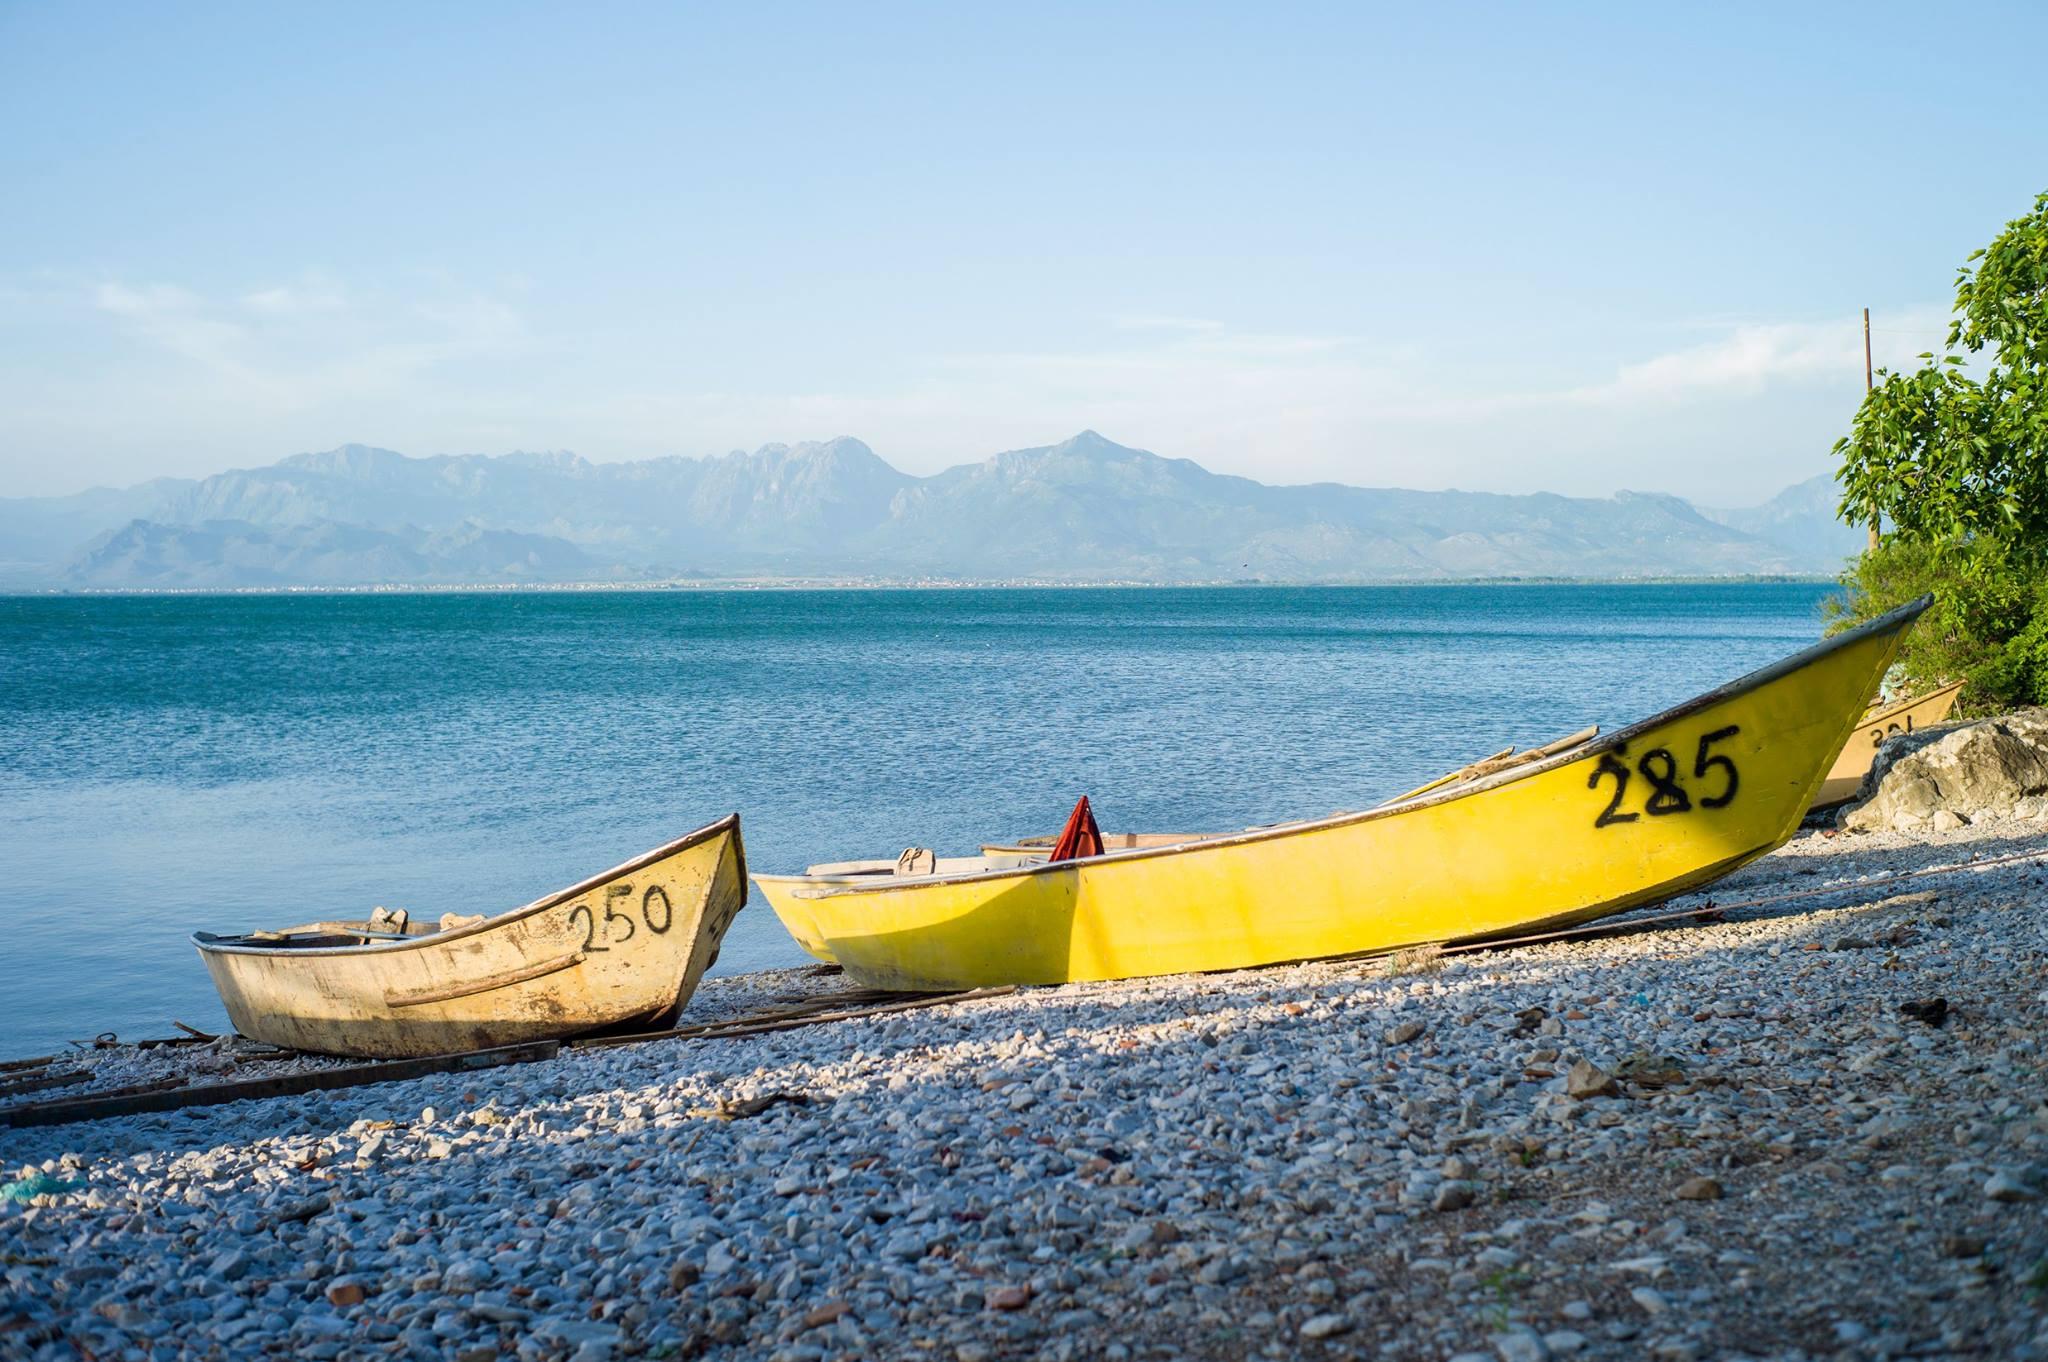 lake-shkoder-boat-Albania.jpg